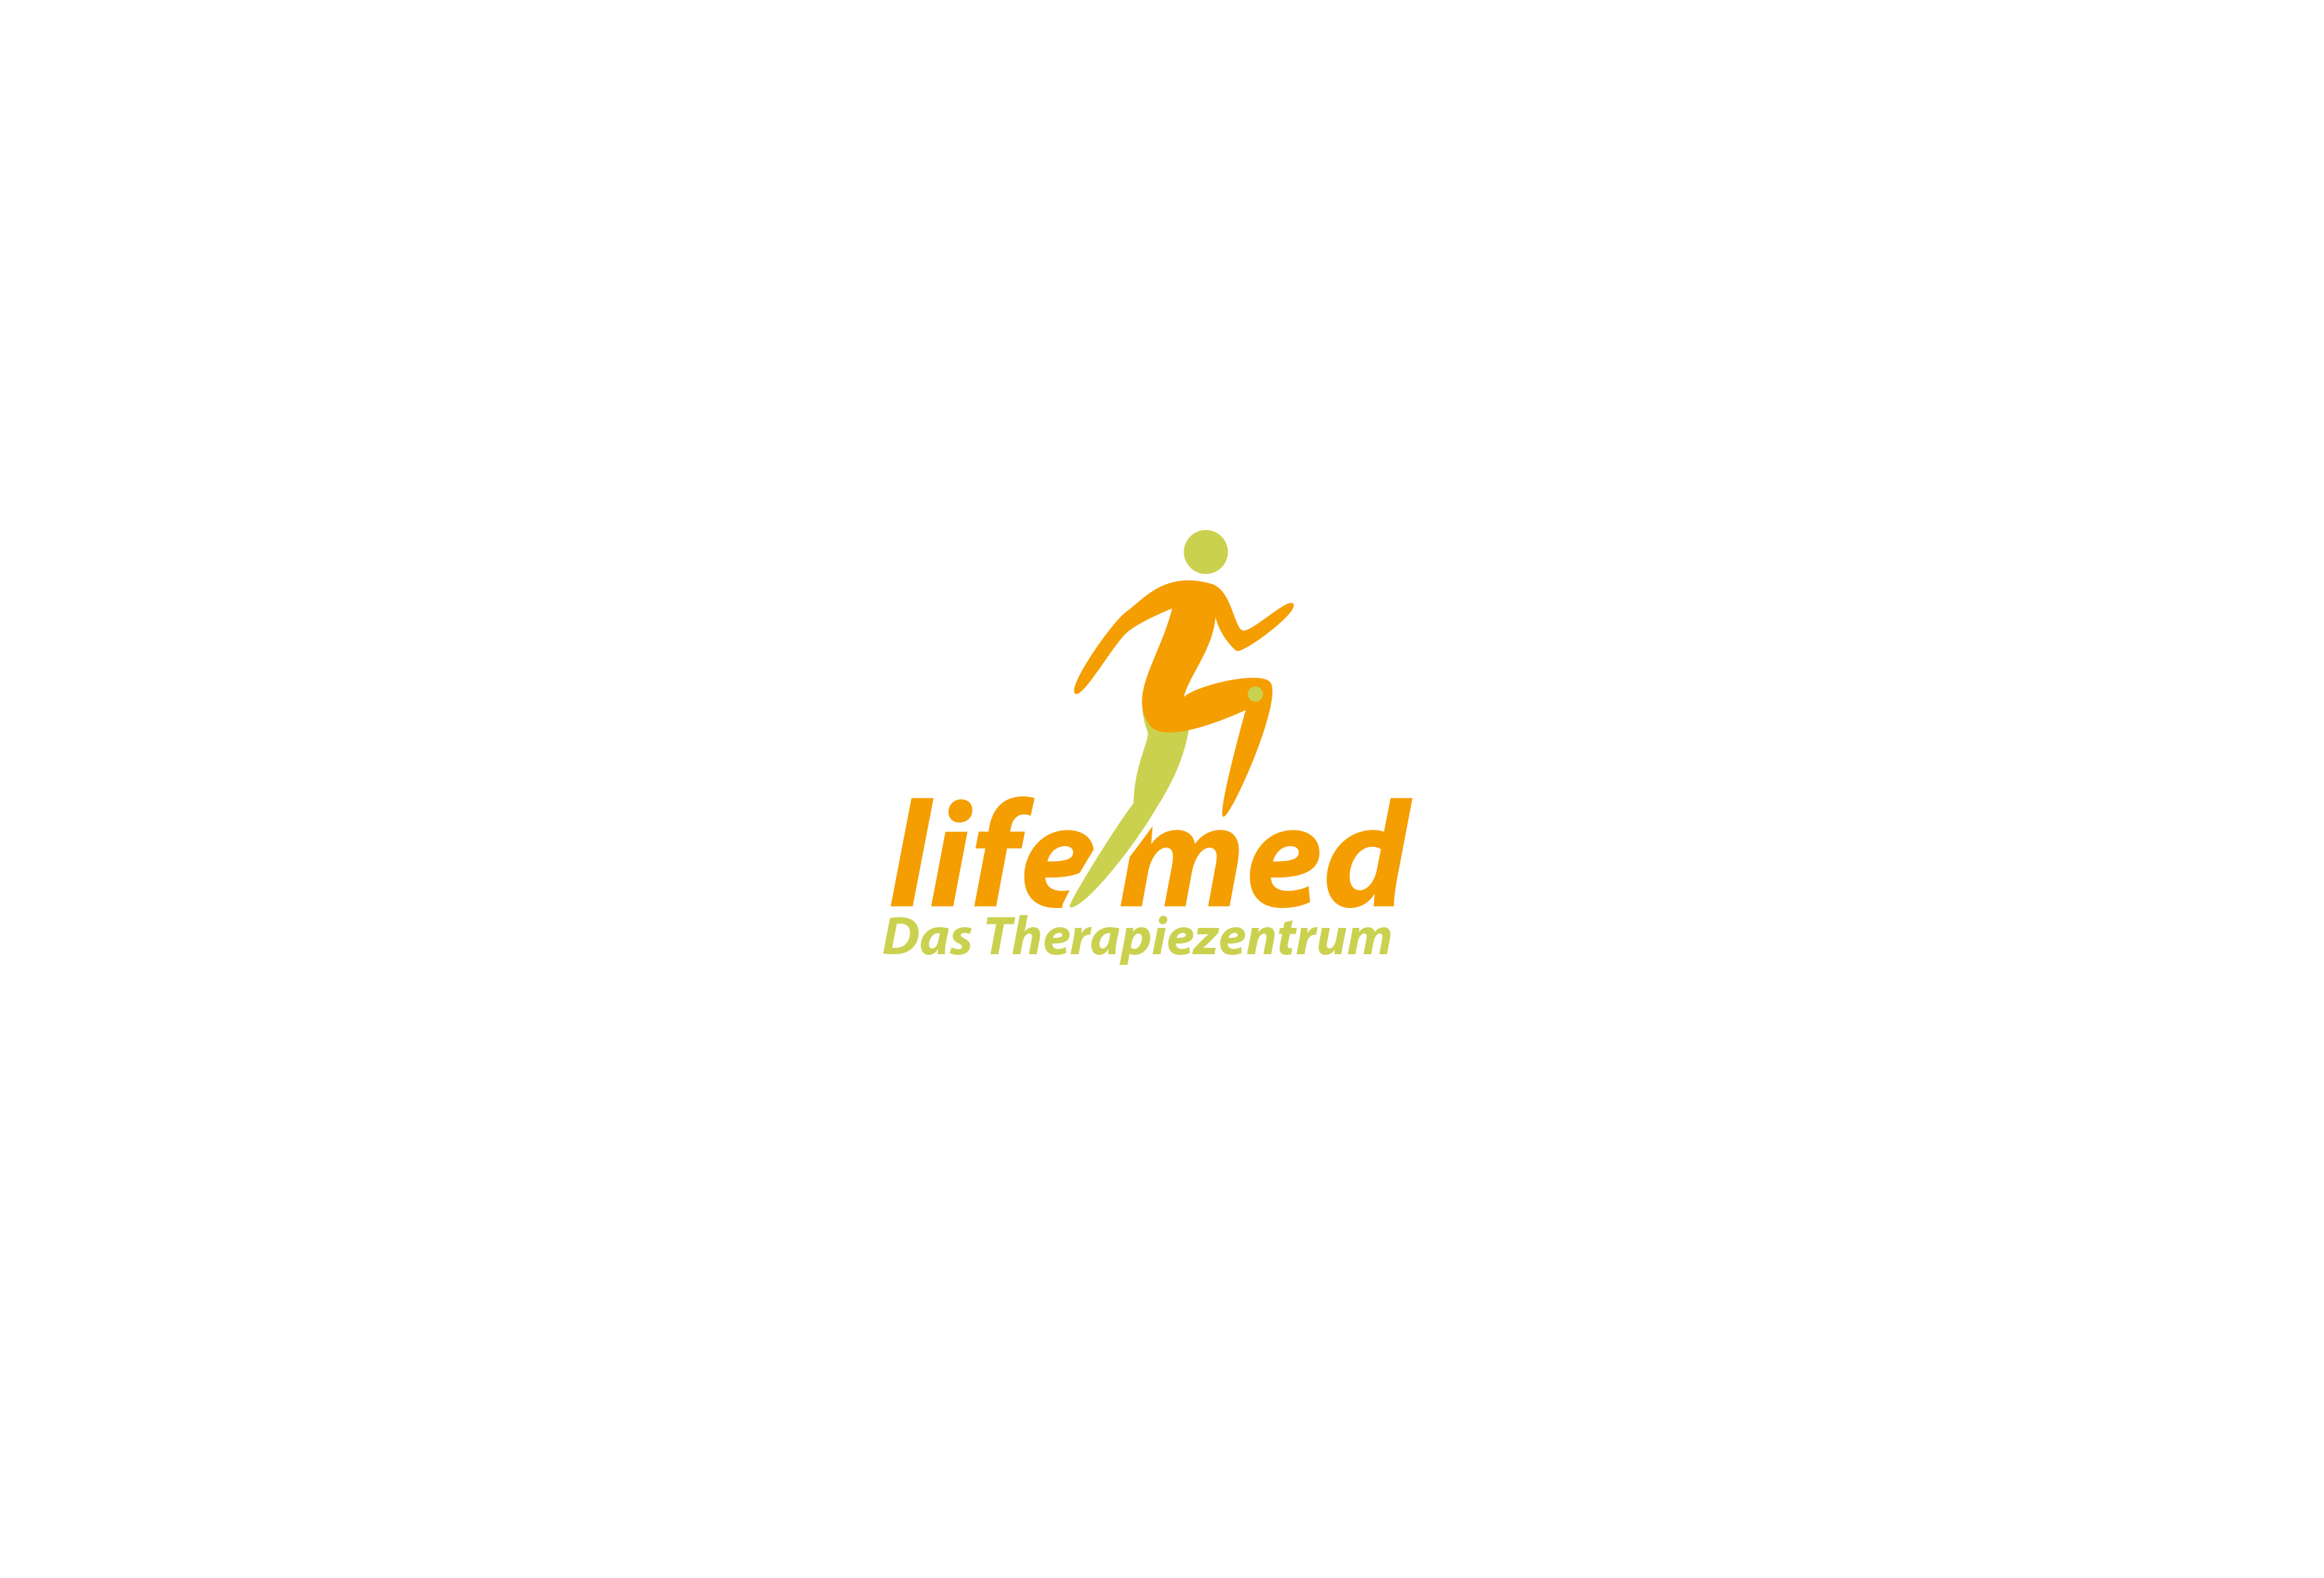 Logo-life-med-draft